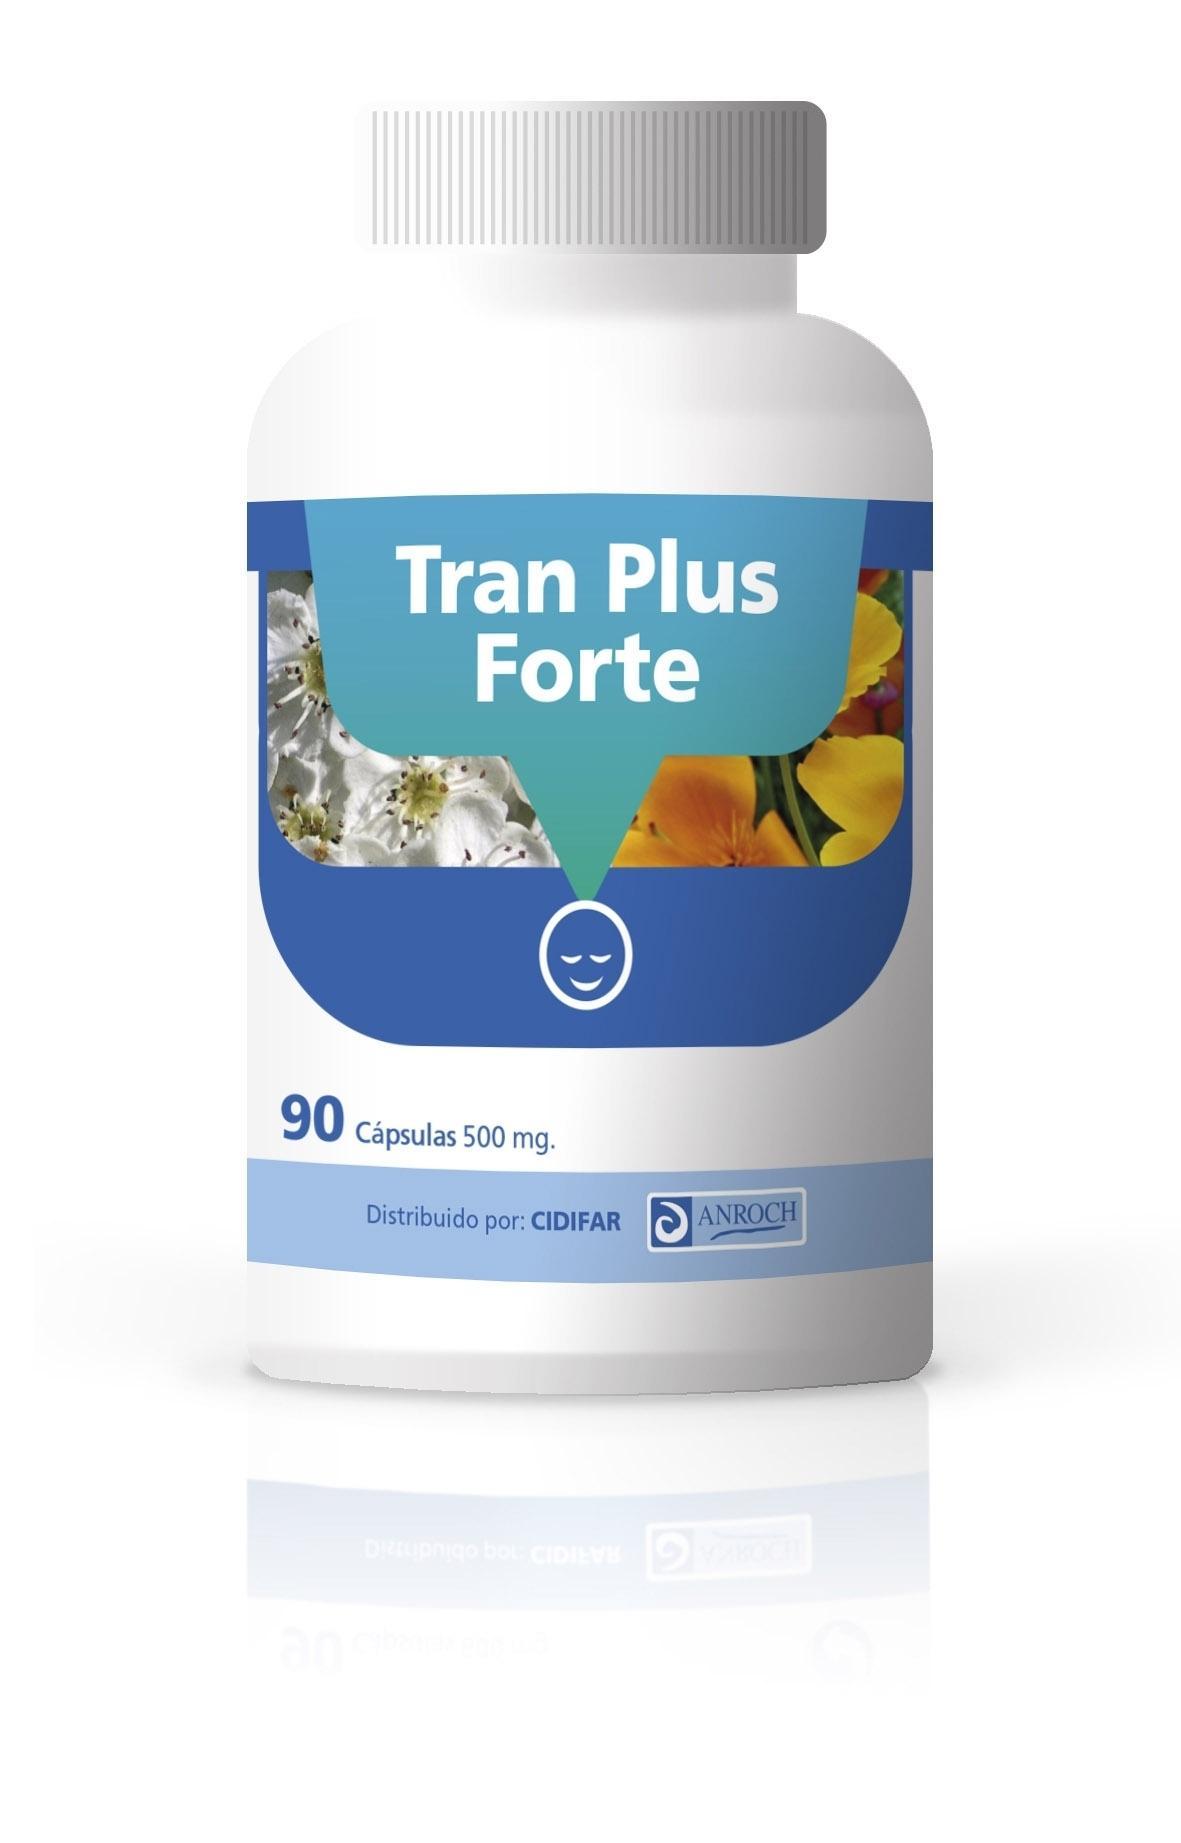 TRAN PLUS FORTE, 90 cápsulas de 500 mg.